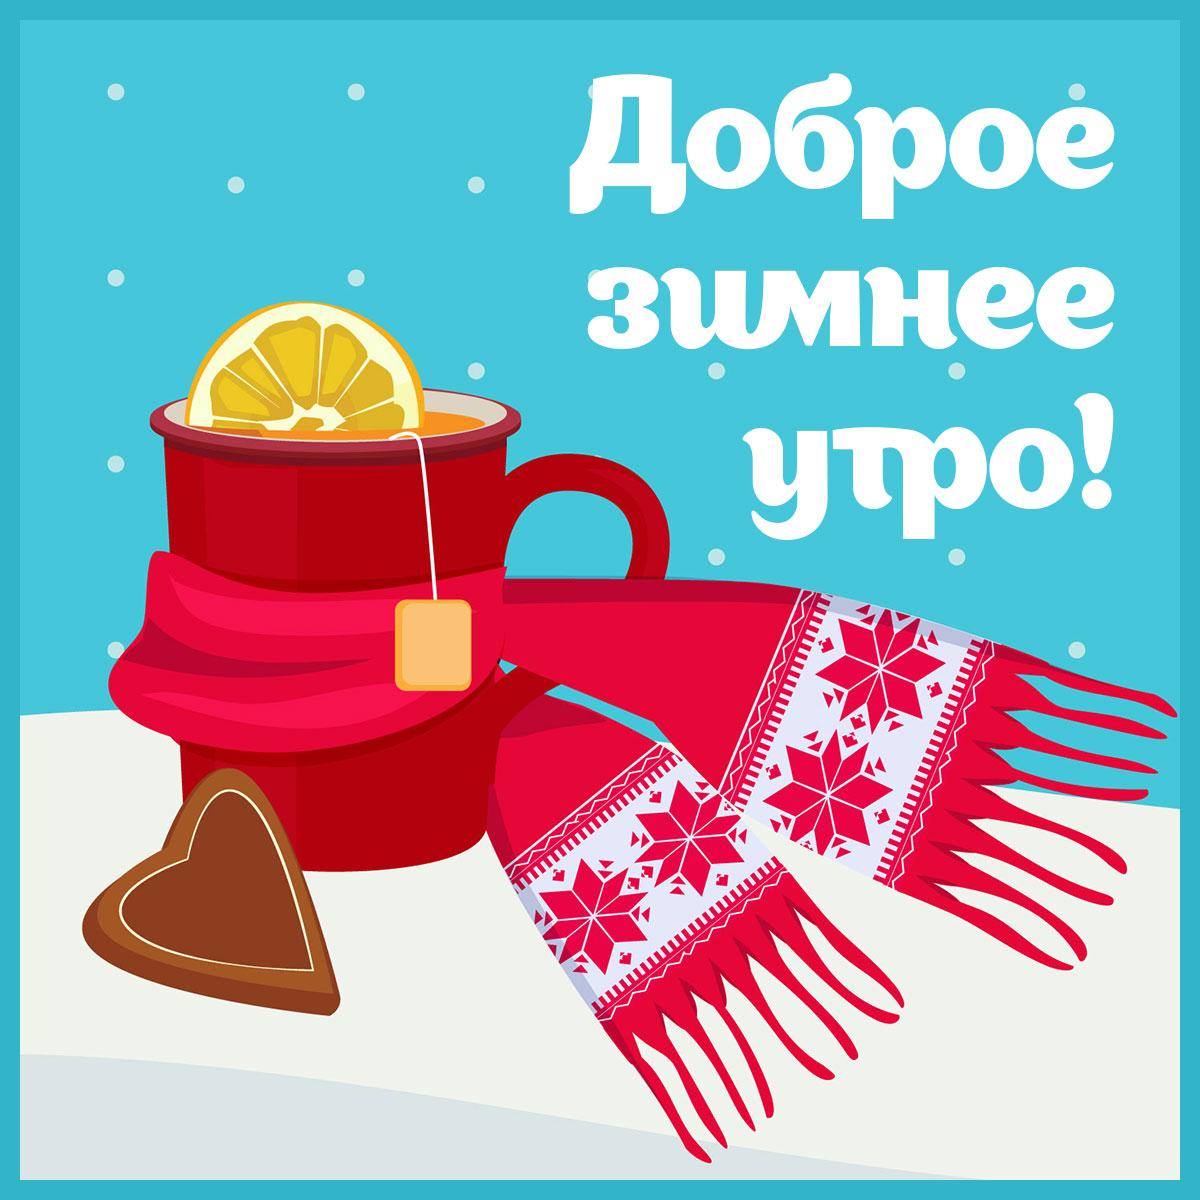 Красная кружка с пакетиком чая и лимоном обернутая шарфом на голубом фоне.